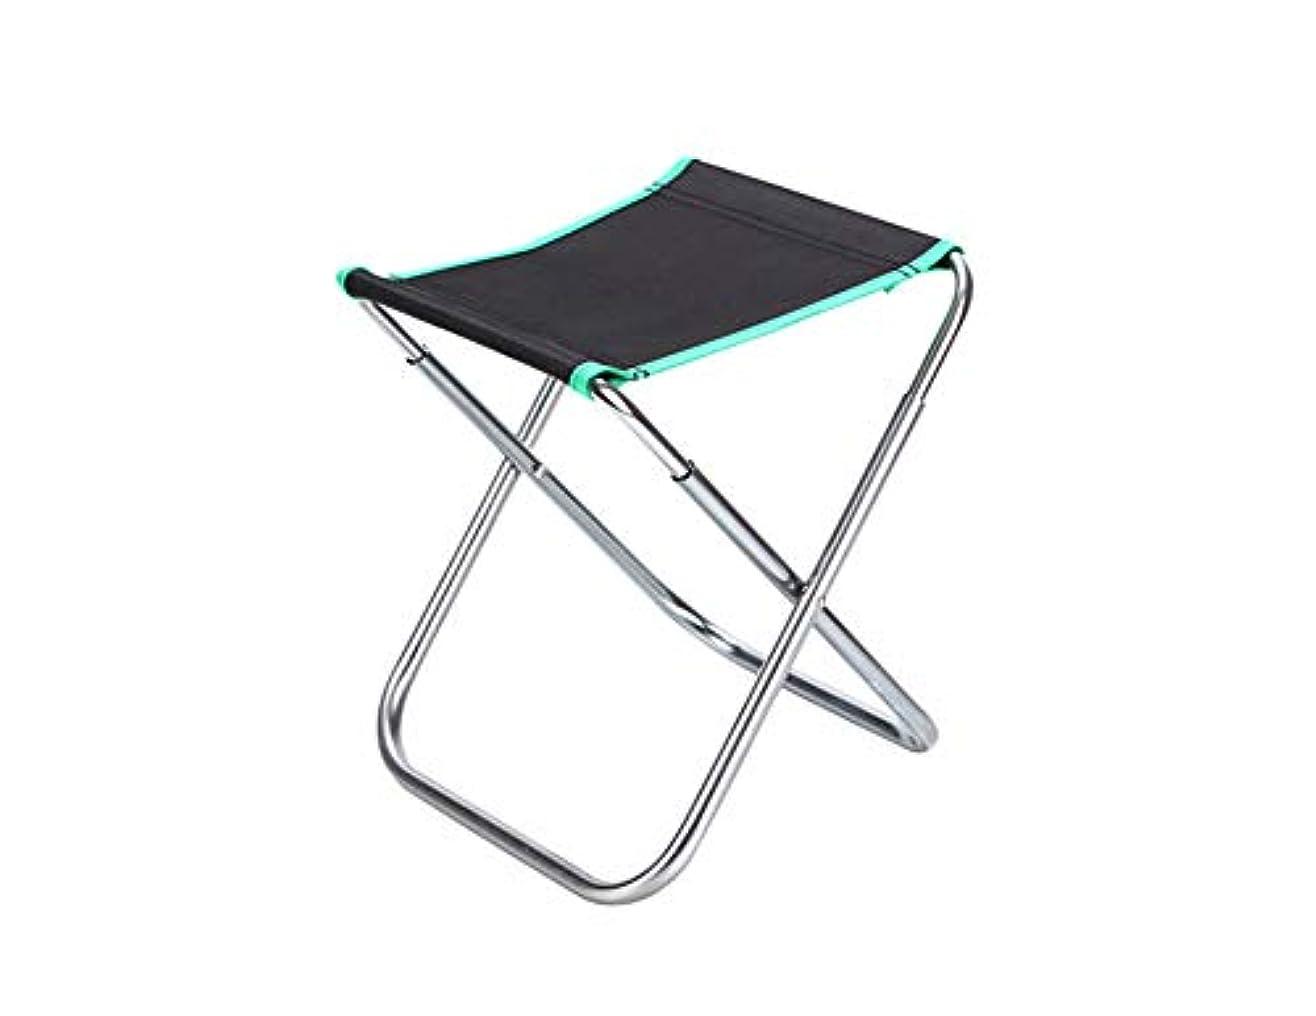 リードナインへ遺体安置所折りたたみ椅子釣りスツールスケッチスツールポータブルバーベキューコンパクト超軽量軽量用屋外ピクニックハイキング